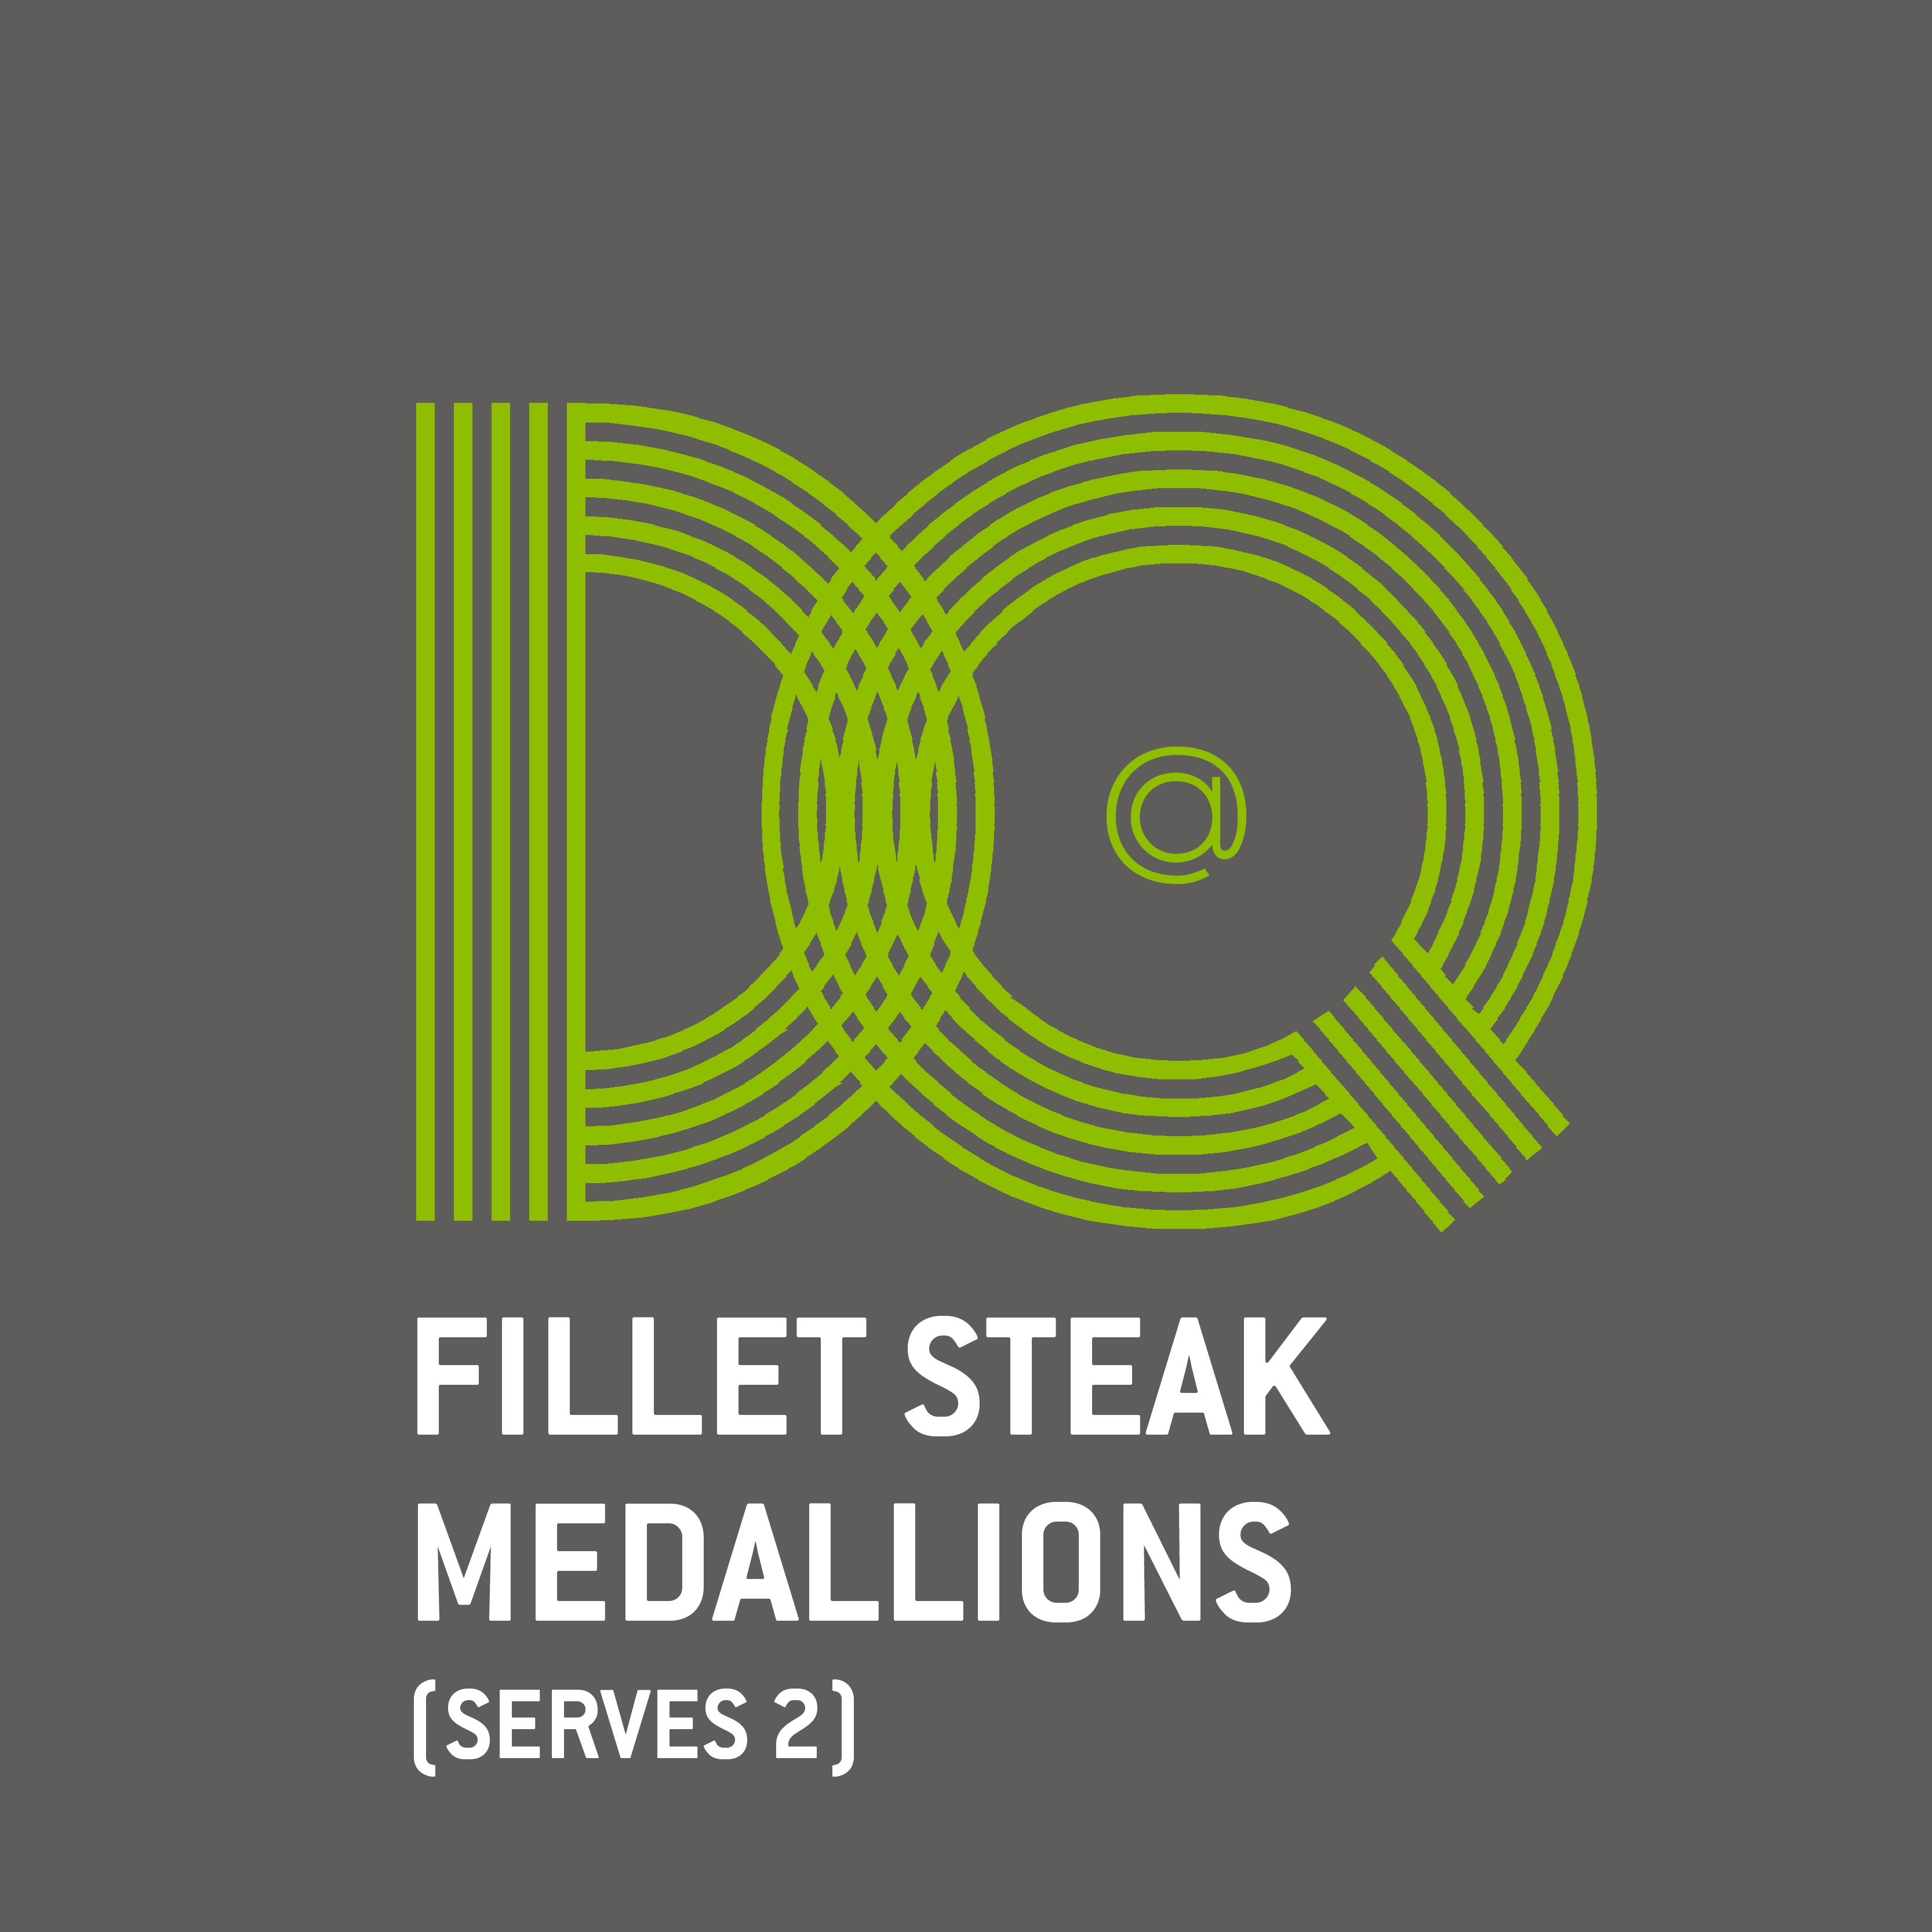 11. DQ - FILLET STEAK MEDALLIONS (SERVES 2)